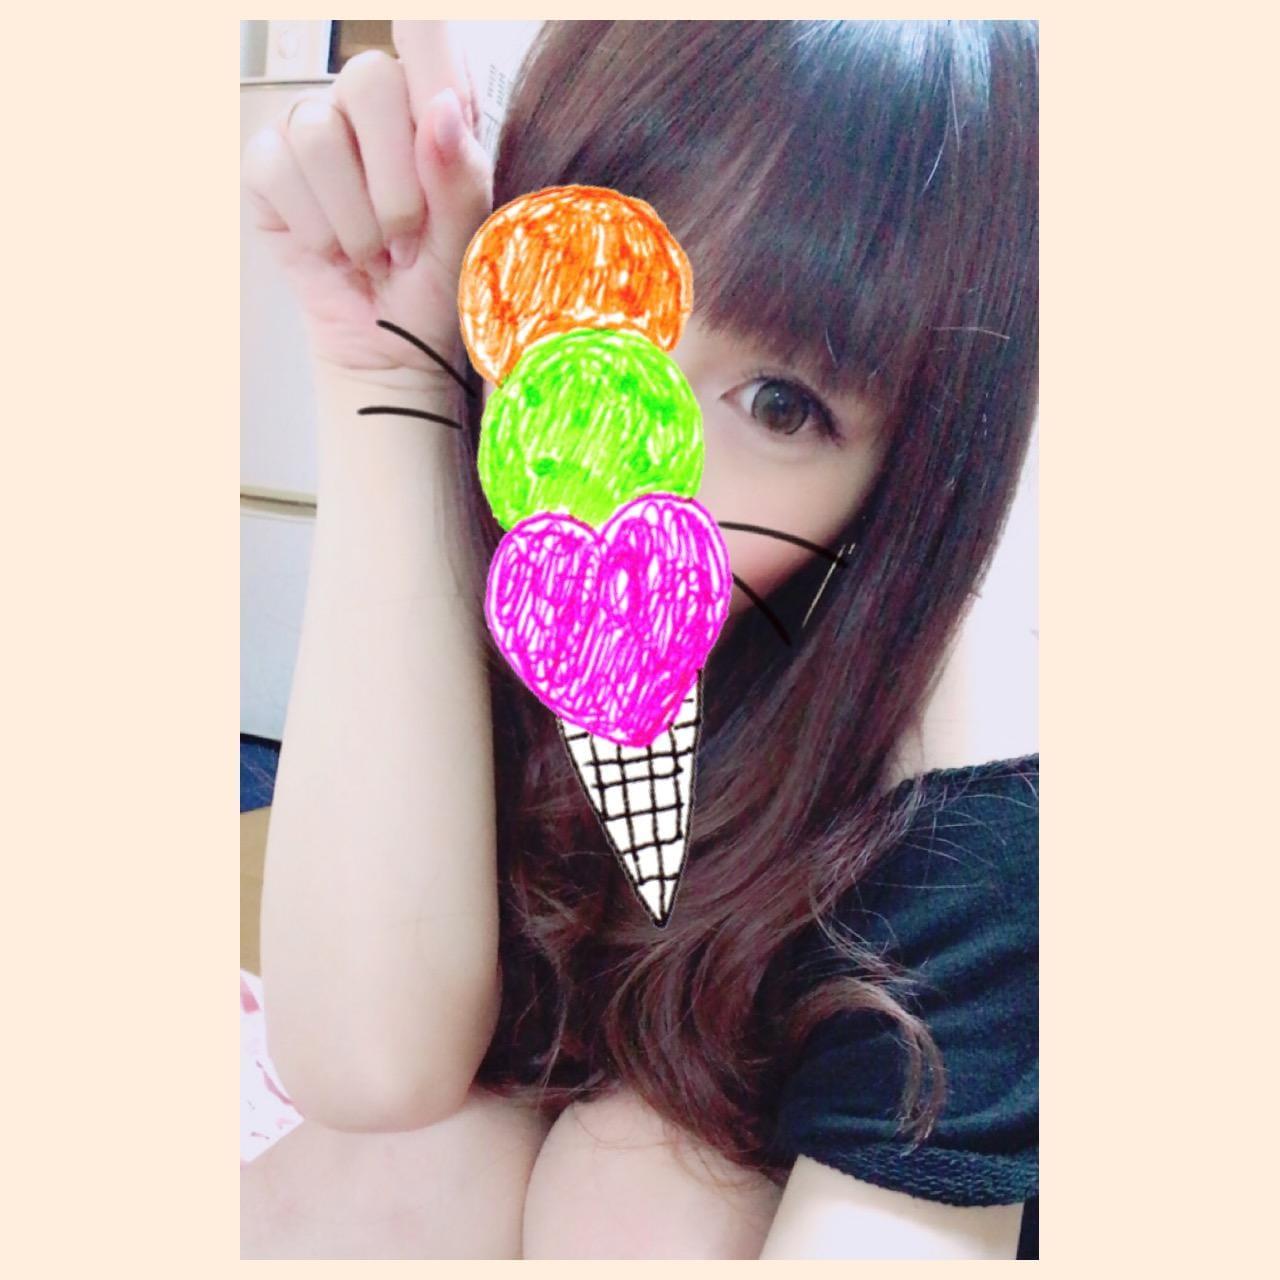 「おれい」06/03(06/03) 22:27 | かなでの写メ・風俗動画